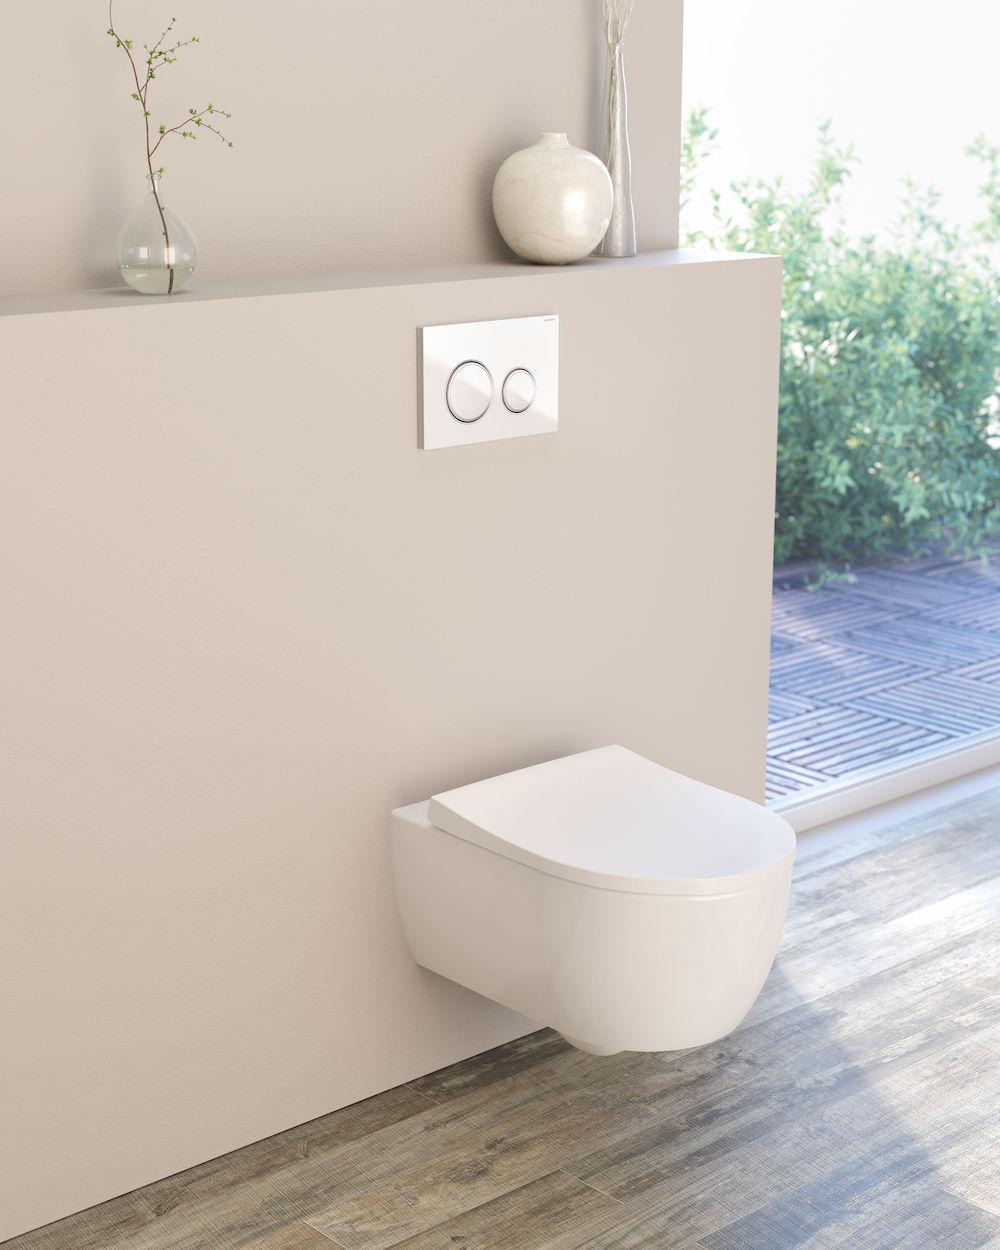 Geberit toilet met de nieuwste bedieningsplaat Sigma21 #toilet #badkamer #geberit